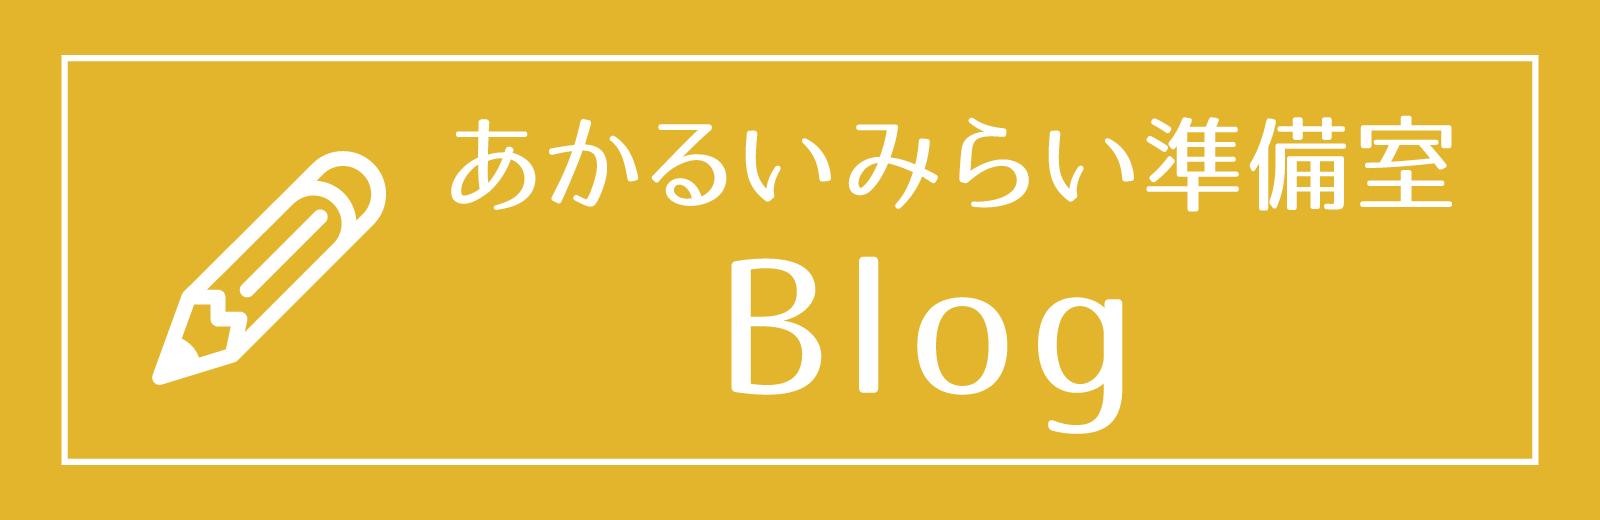 あかるいみらい準備室の公式ブログです。